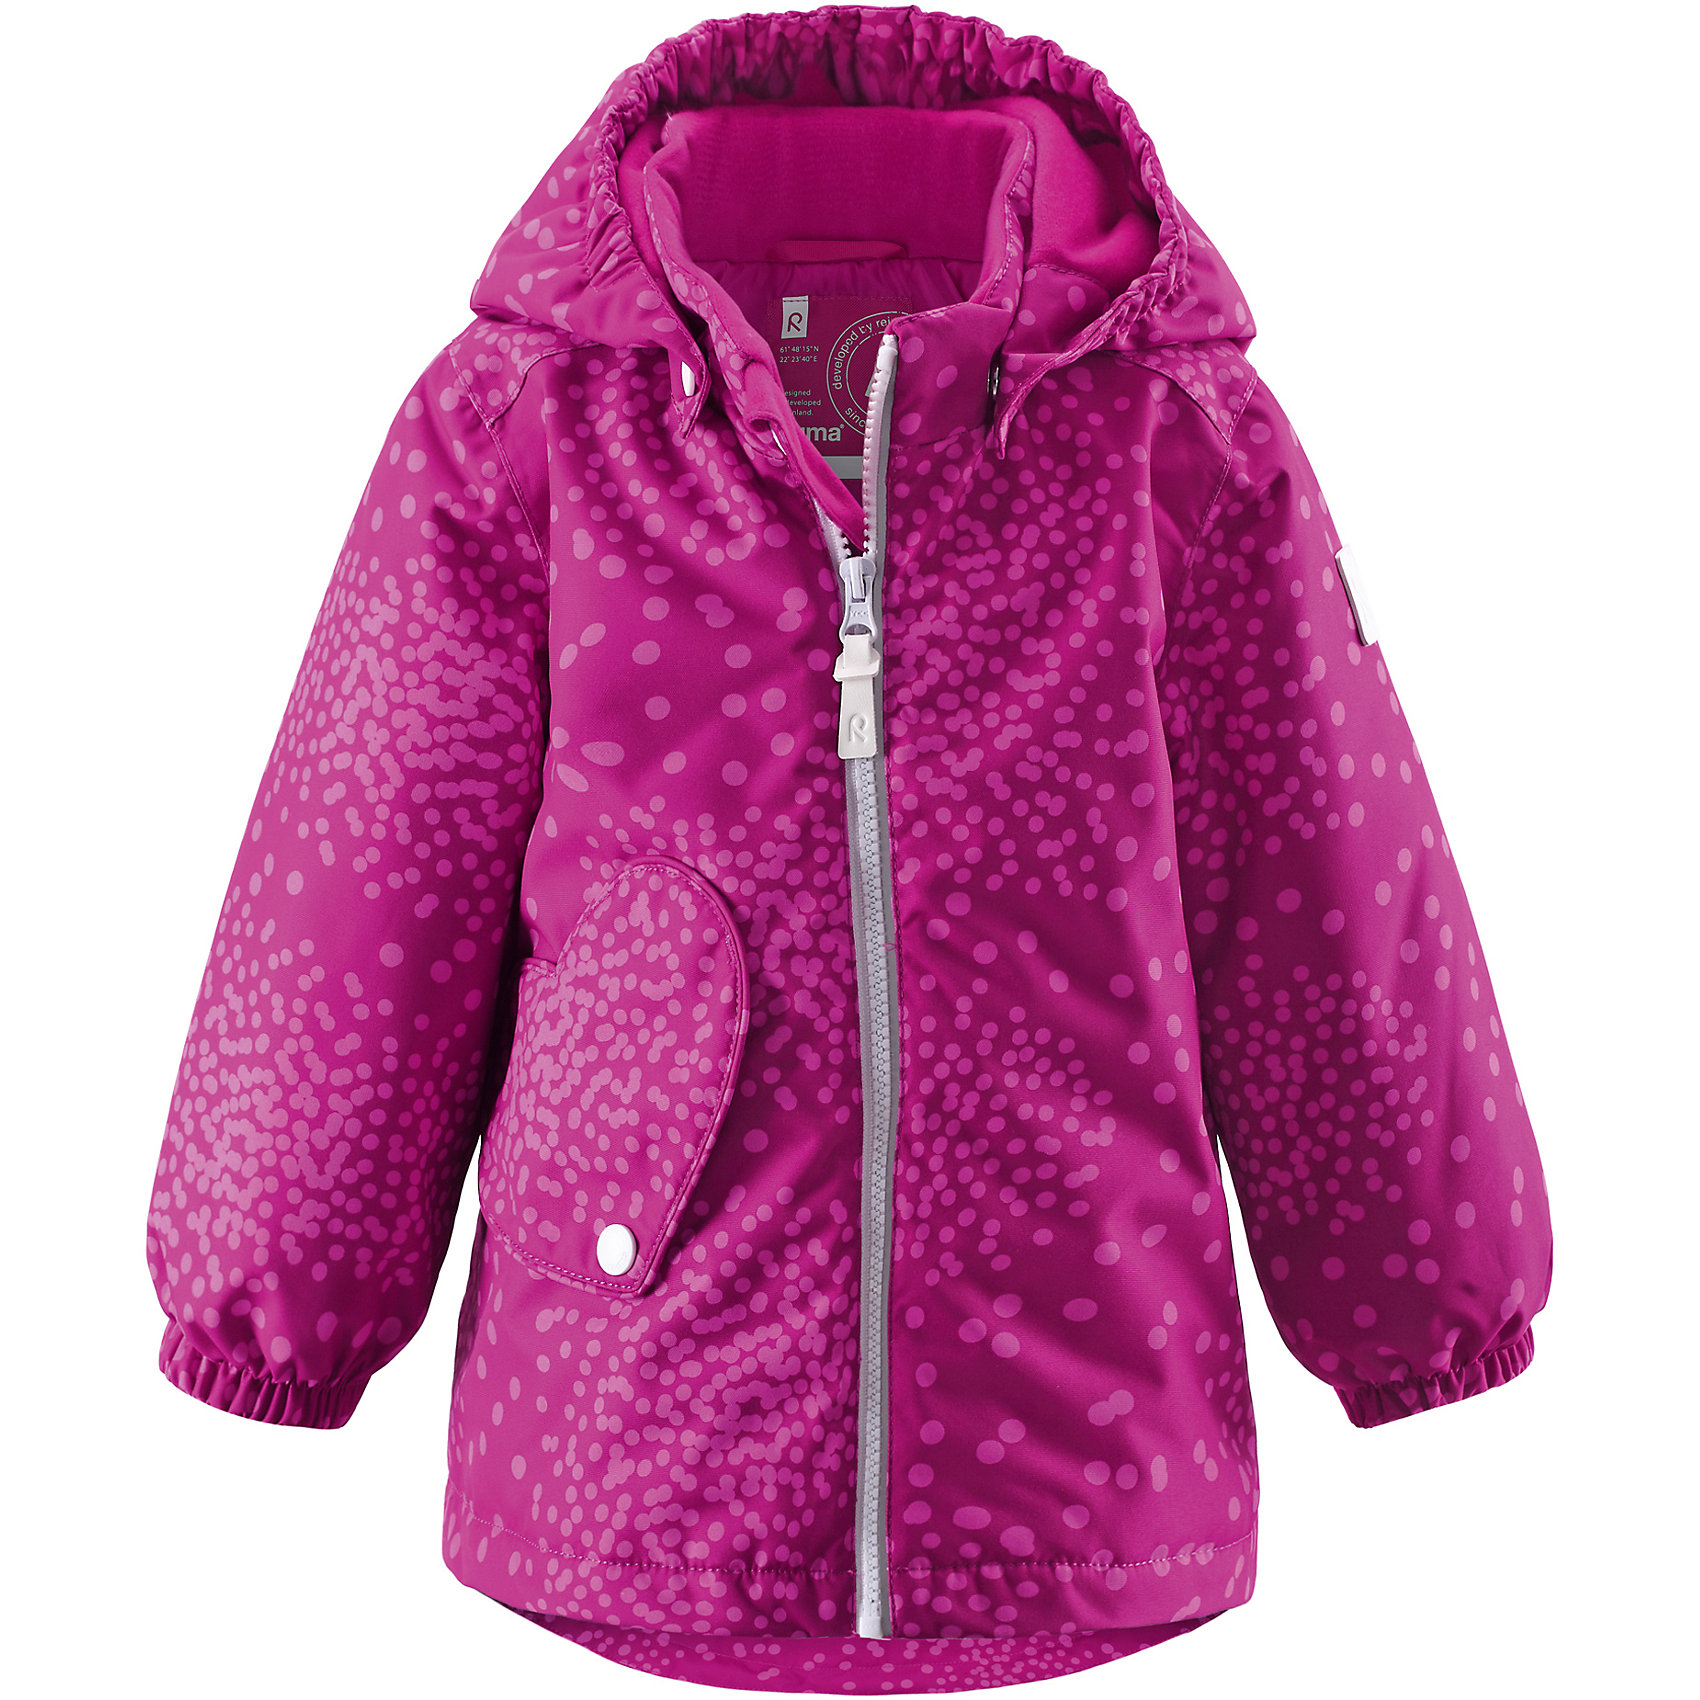 Куртка для девочки ReimaСветоотражающие сердечки и карман с клапаном украшают эту симпатичную зимнюю куртку для малышей. Зимняя куртка для маленьких детей сшита из ветронепроницаемого, пропускающего воздух материала, который отталкивает грязь и влагу. Чтобы дожди не смогли помешать зимнему веселью, внешние швы проклеены для водонепроницаемости. Куртка с подкладкой из гладкого полиэстера легко надевается и удобно носится с тёплым промежуточным слоем. Чтобы куртка плотнее прилегала к фигуре, её можно отрегулировать на талии. Остроконечный капюшон со светоотражающим сердечком и удлинённый задний подол завершают образ этой зимней куртки. Не требует особого ухода. Благодаря обеспечивающим видимость светоотражателям в форме сердечек, маленькие принцессы могут получать удовольствие от весёлой прогулки даже после захода солнца.<br><br>Водонепроницаемая зимняя куртка для малышей<br>Основные швы проклеены, водонепроницаемы<br>Безопасный съёмный капюшон<br>Регулируемая талия<br>Карман с клапаном в форме сердечка<br>Светоотражающие детали для безопасности<br>Состав:<br>100% ПЭ, ПУ-покрытие<br>Средняя степень утепления (до - 20)<br><br>Куртку для девочки Reima (Рейма) можно купить в нашем магазине.<br><br>Ширина мм: 356<br>Глубина мм: 10<br>Высота мм: 245<br>Вес г: 519<br>Цвет: розовый<br>Возраст от месяцев: 12<br>Возраст до месяцев: 18<br>Пол: Женский<br>Возраст: Детский<br>Размер: 98,80,74,86,92<br>SKU: 4208137